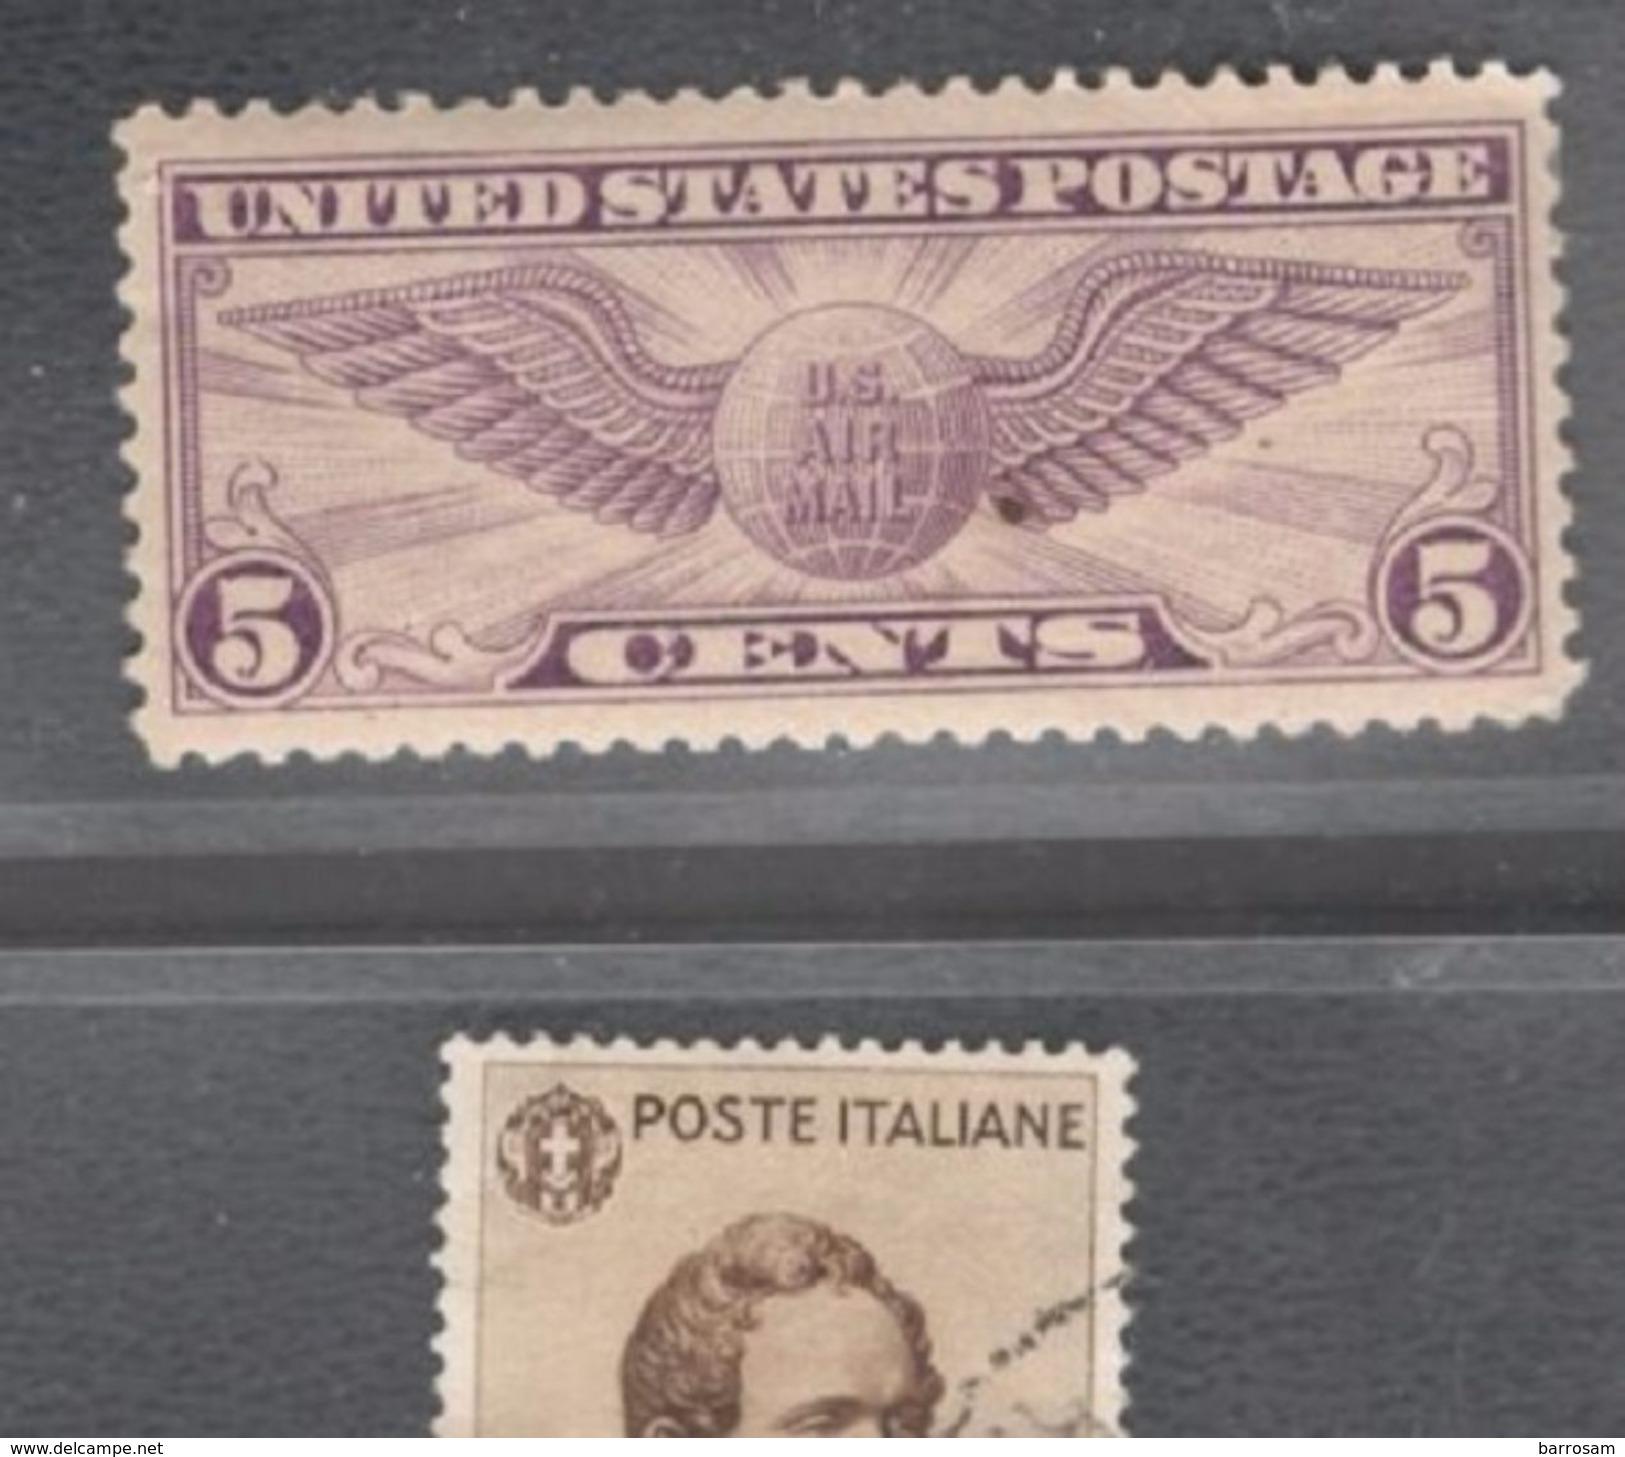 UnitedStates1930:Scott C12  Mh* (Michel321c)Cat.Value $9.00 - 1b. 1918-1940 Unused